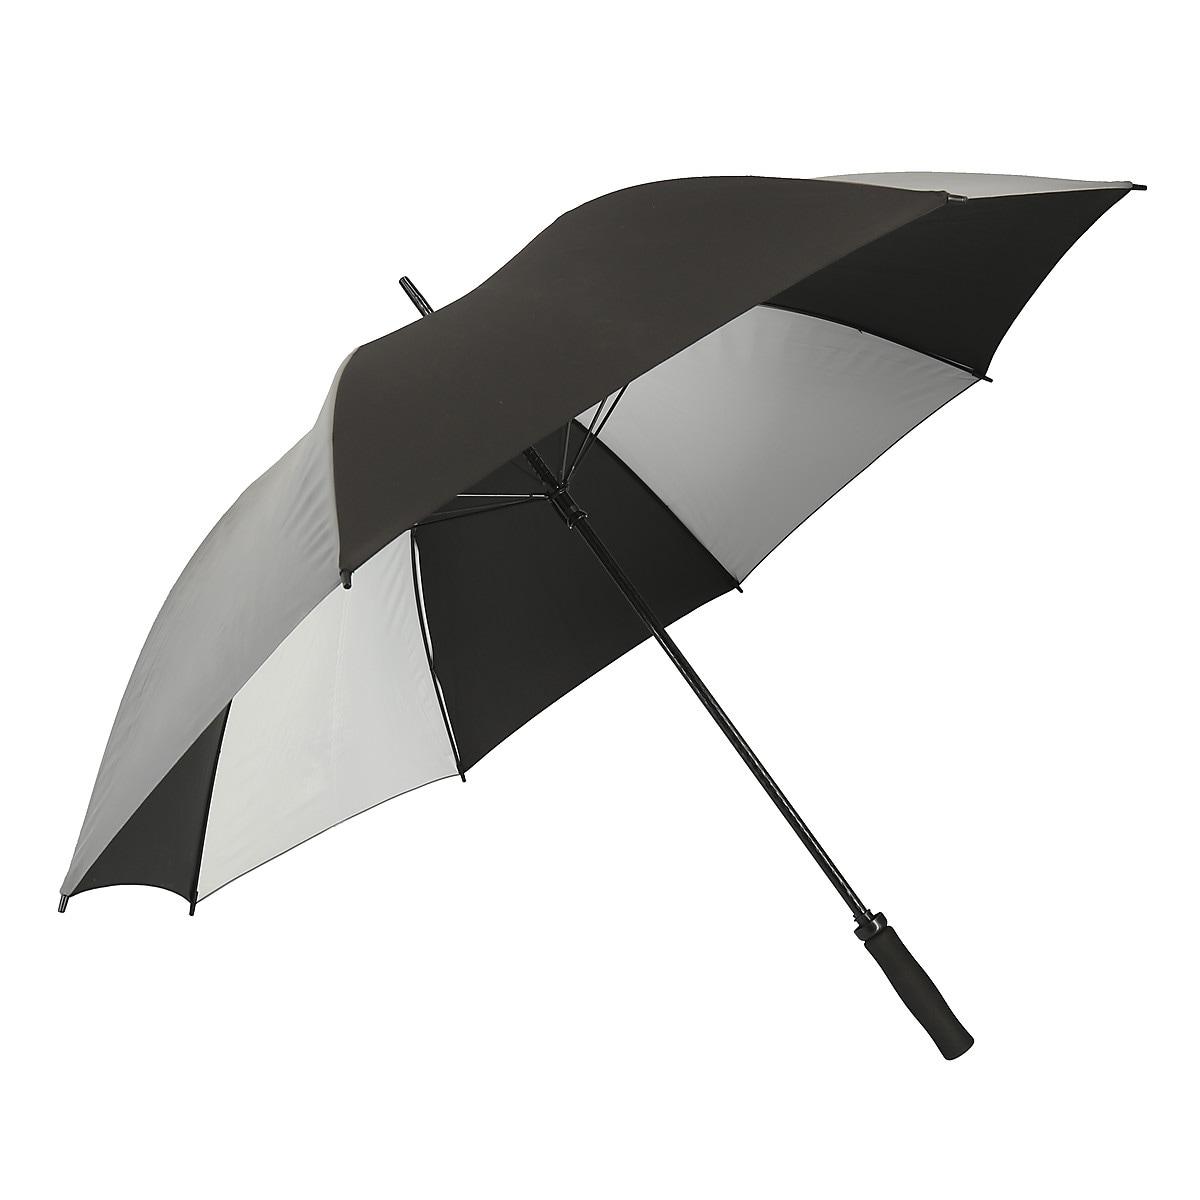 Paraply med reflex 115 cm Asaklitt